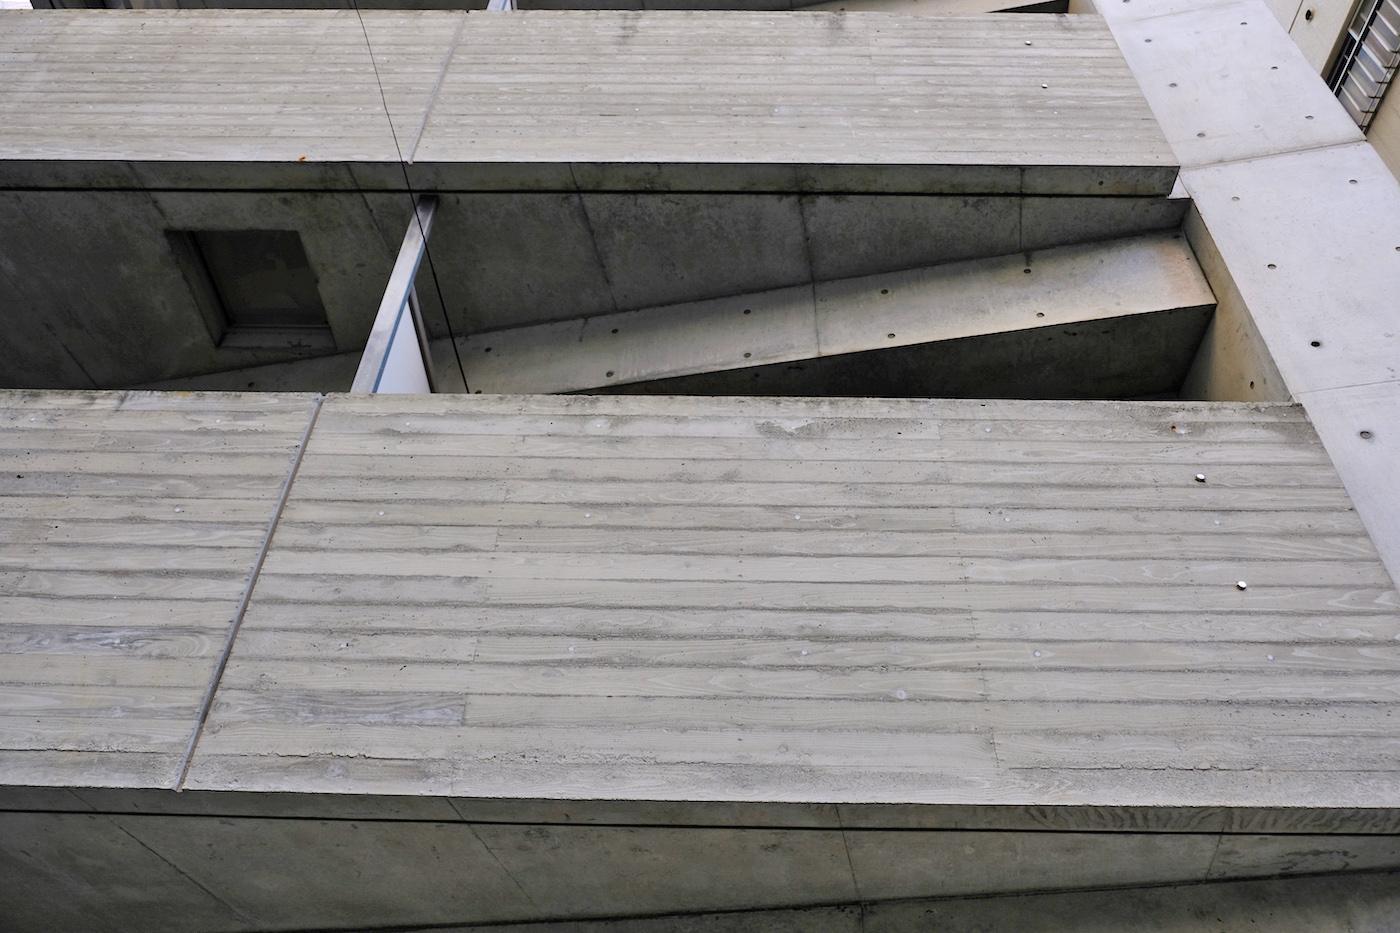 情感コンクリート (福岡市中央区平尾の物件) - 福岡R不動産